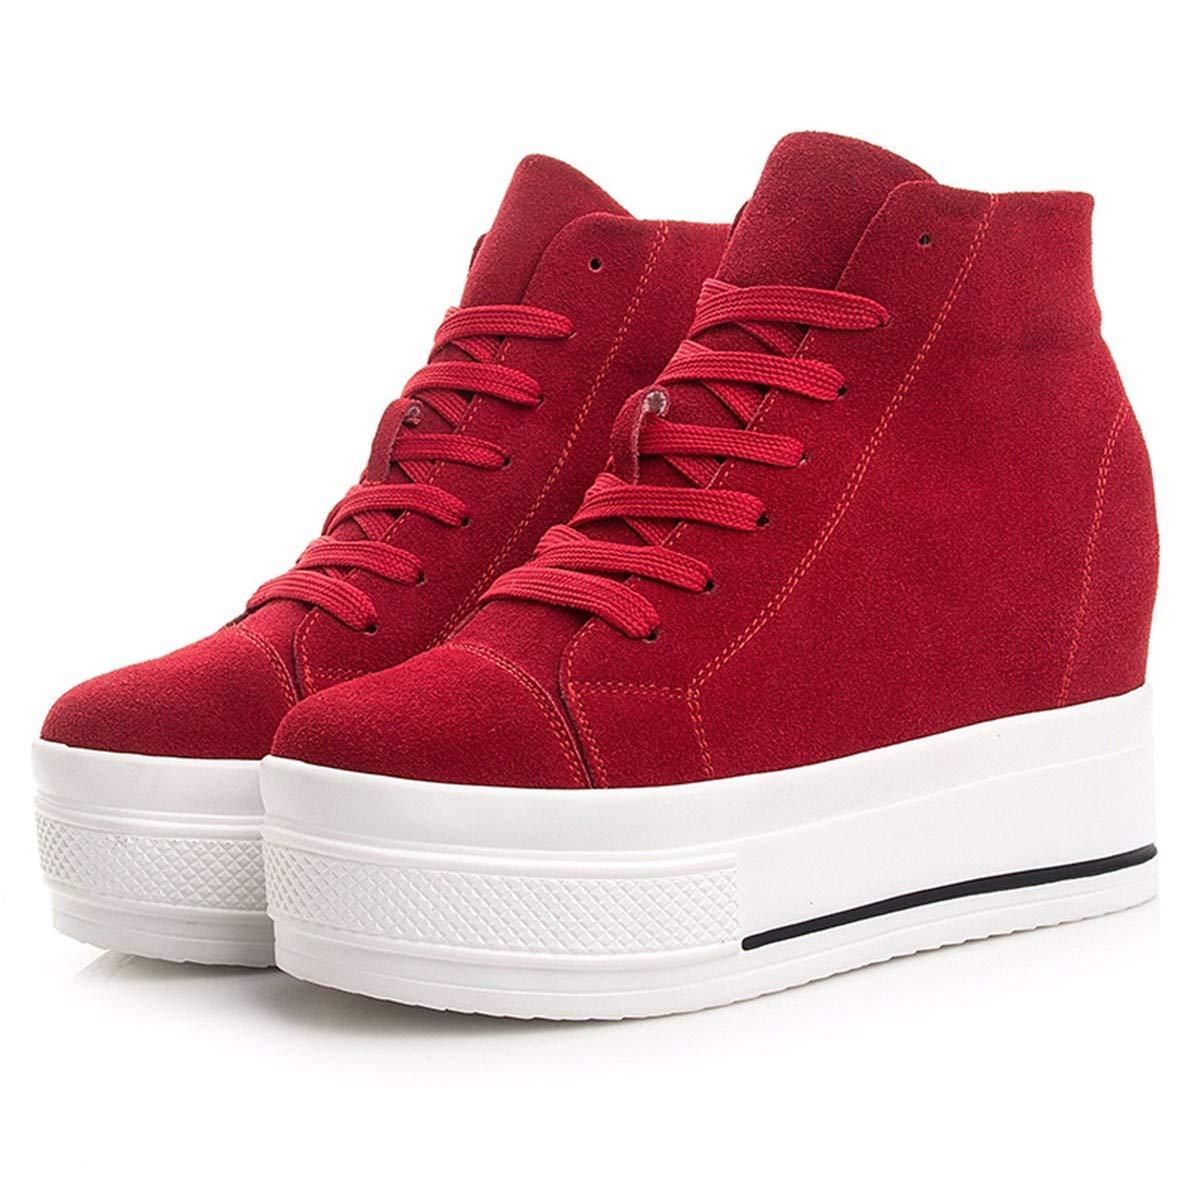 KPHY Damenschuhe Kalte Füße Leder Damenschuhe Casual Schuhen Dicke Boden Runden Kopf Schnürsenkel Hohe Schuhe und Samt.